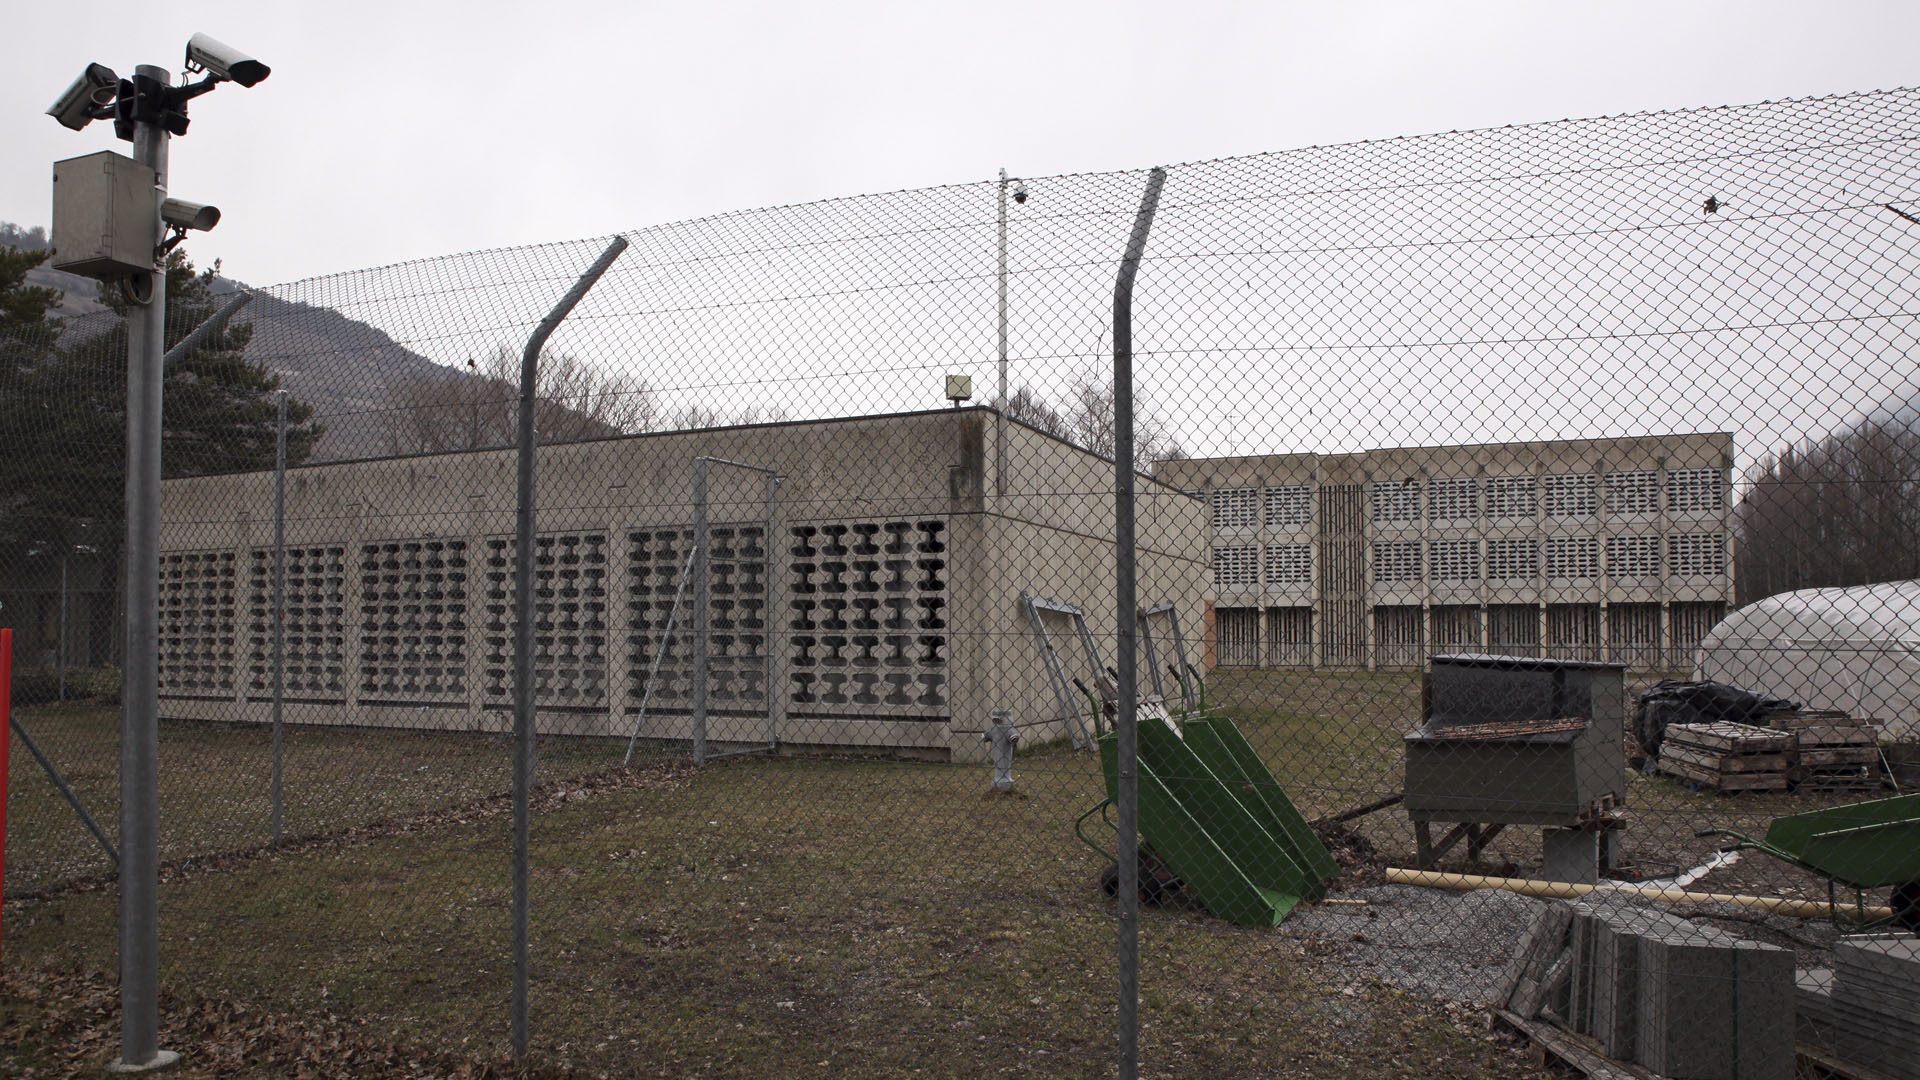 Granges (VS). Centre éducatfif fermé de Pramont. (Photo: Bernard Hallet)